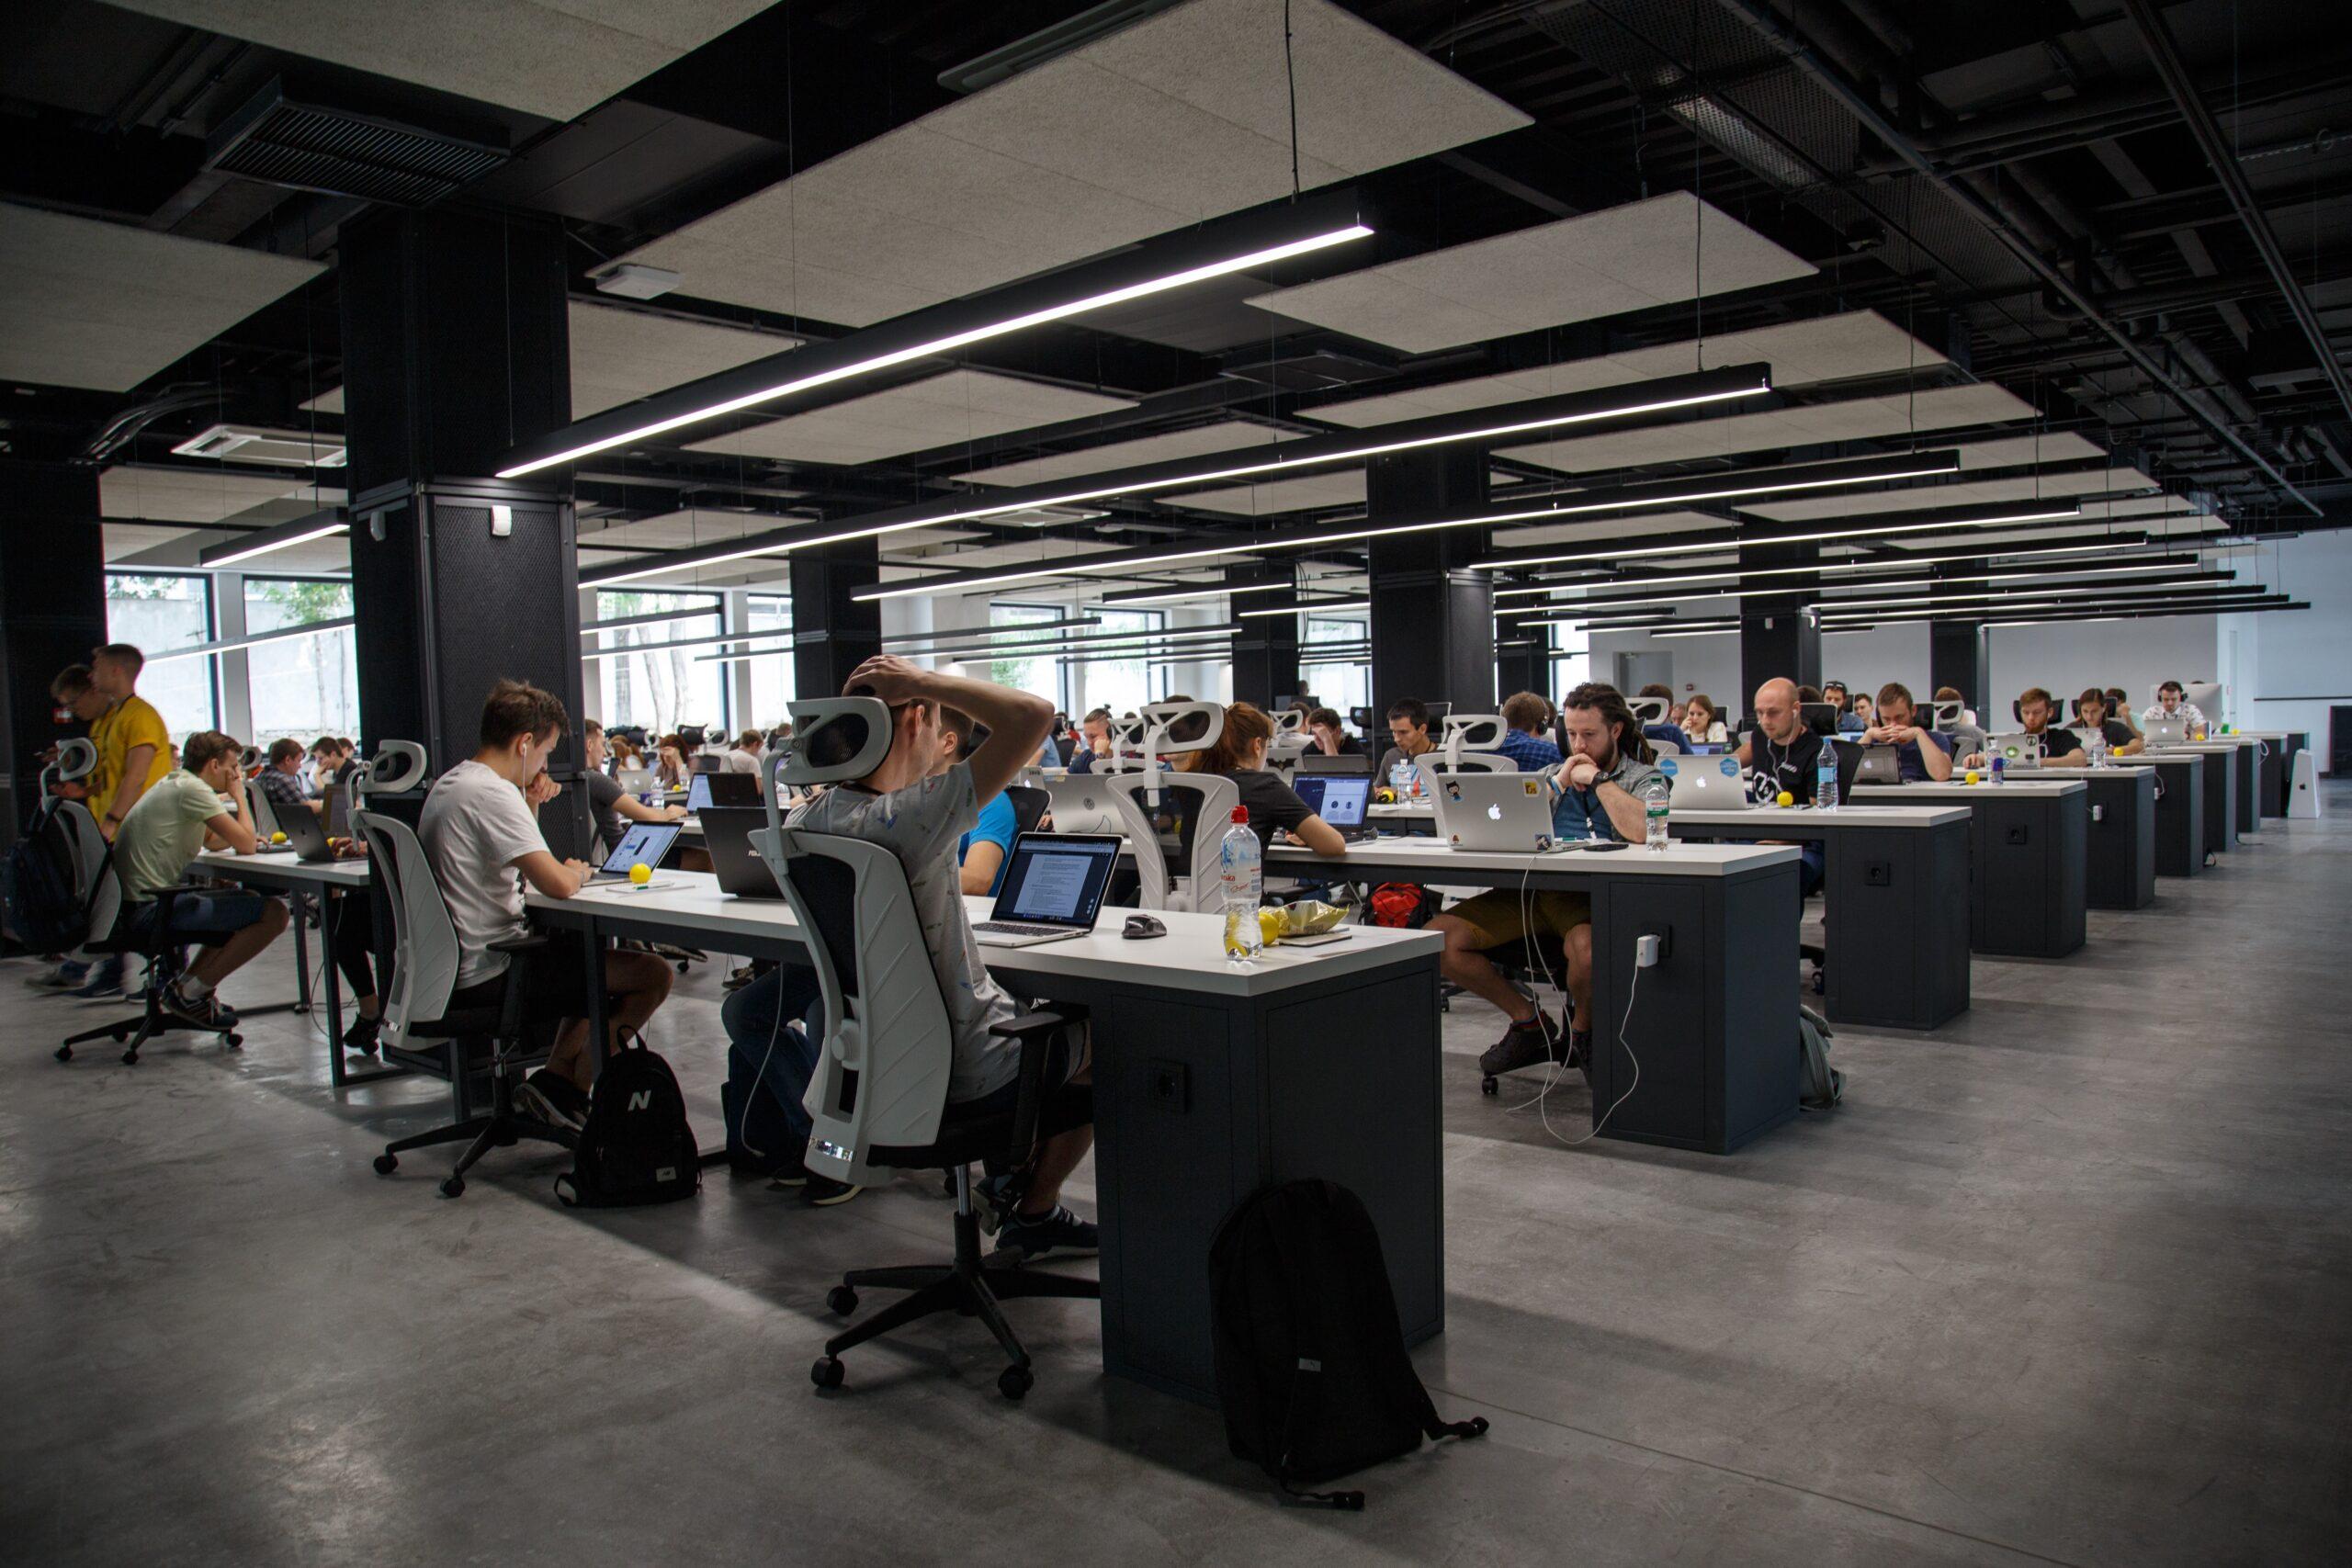 ABWのデメリット②:従業員の作業状況、進捗状況が把握しづらい